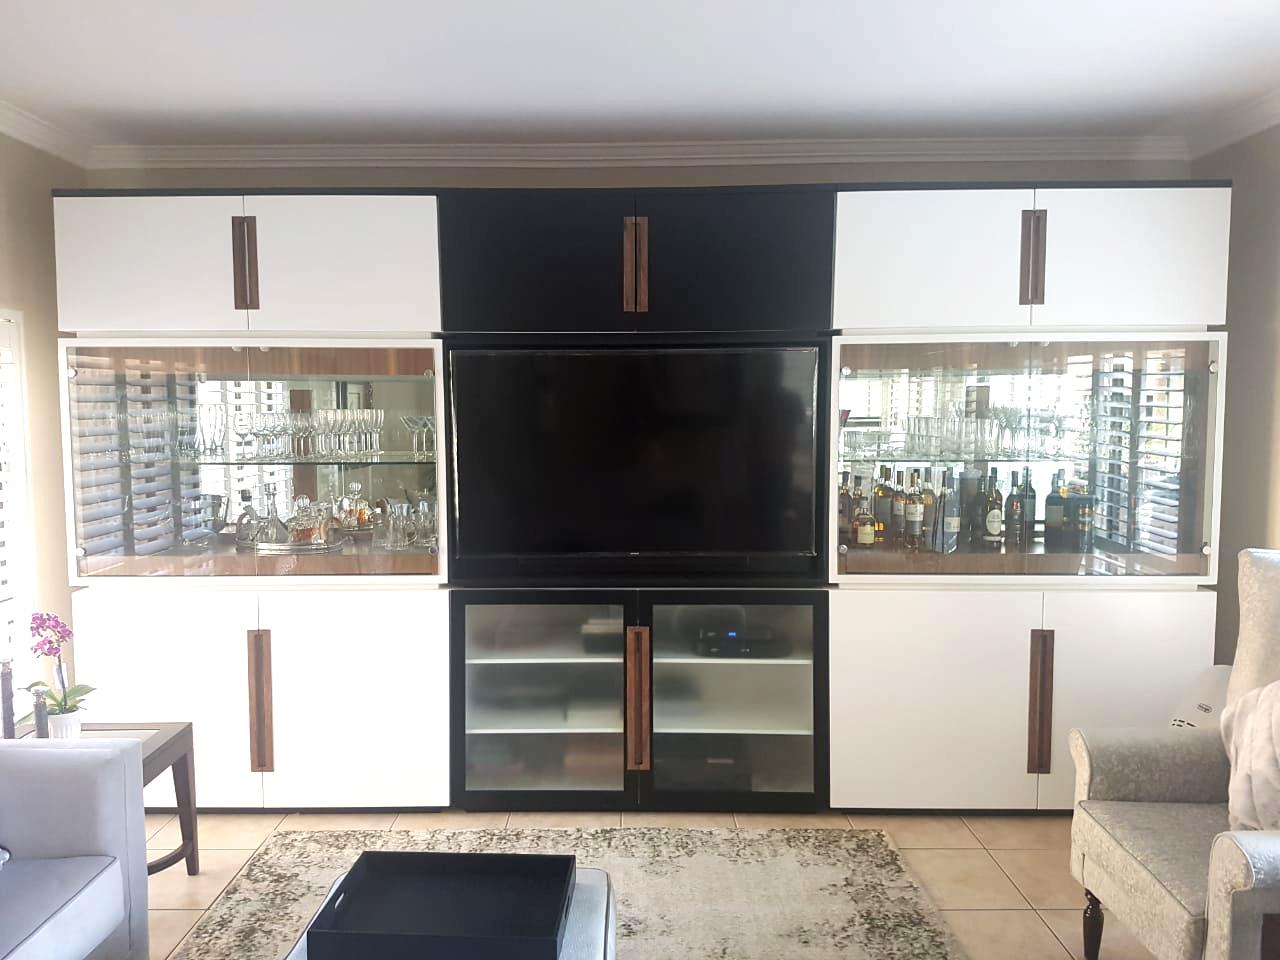 Design Furniture - Living Room Stand & Bar